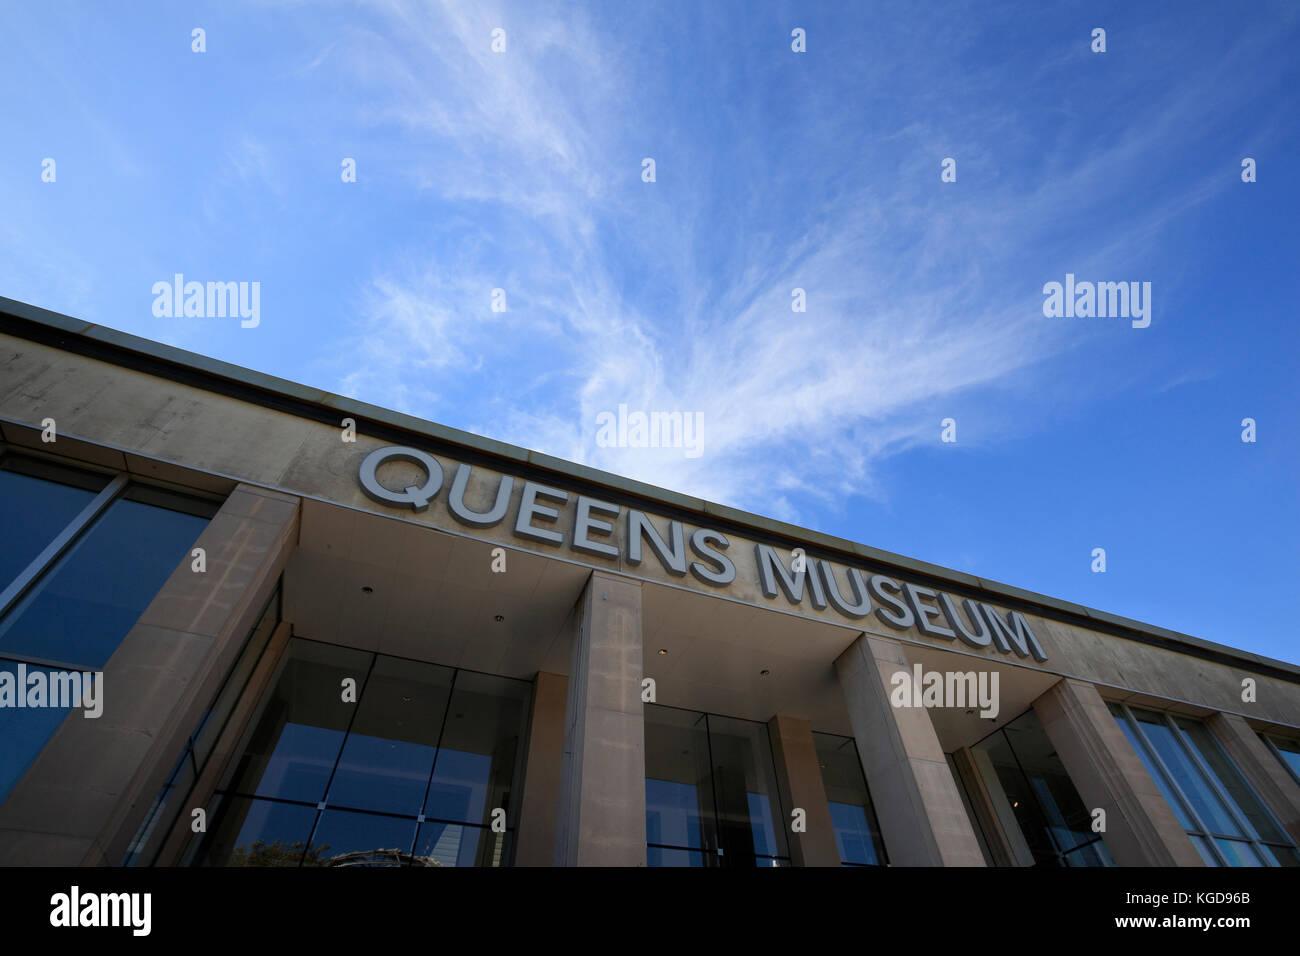 Esterno del Queens Museum di Flushing Meadows Corona Park, New York City Immagini Stock